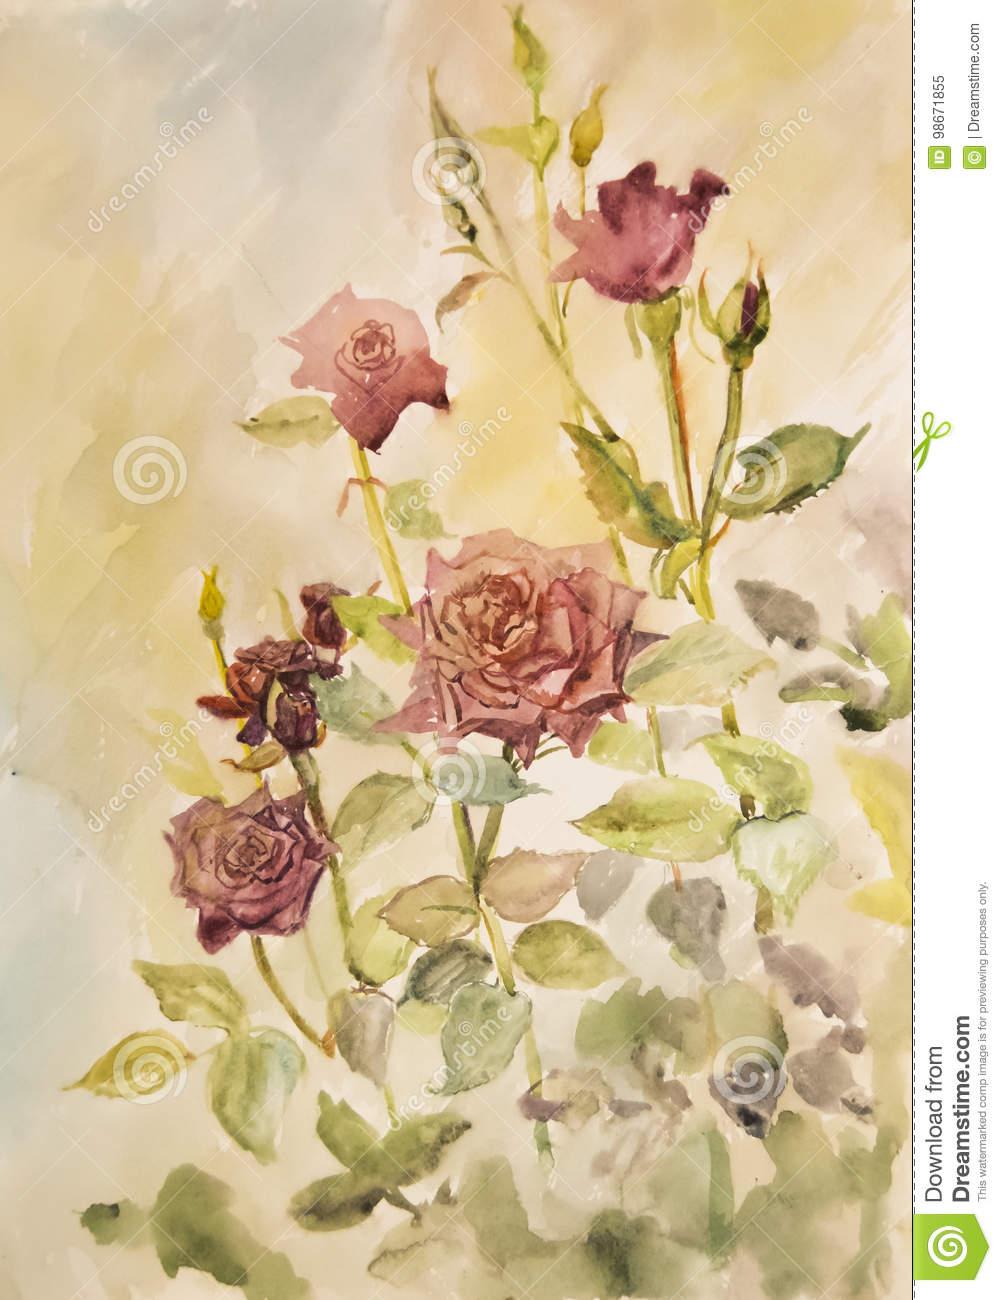 Schöne Rote Rosen Im Garten Gemalt Im Aquarell Stockbild bestimmt für Rosen Bilder Gemalt